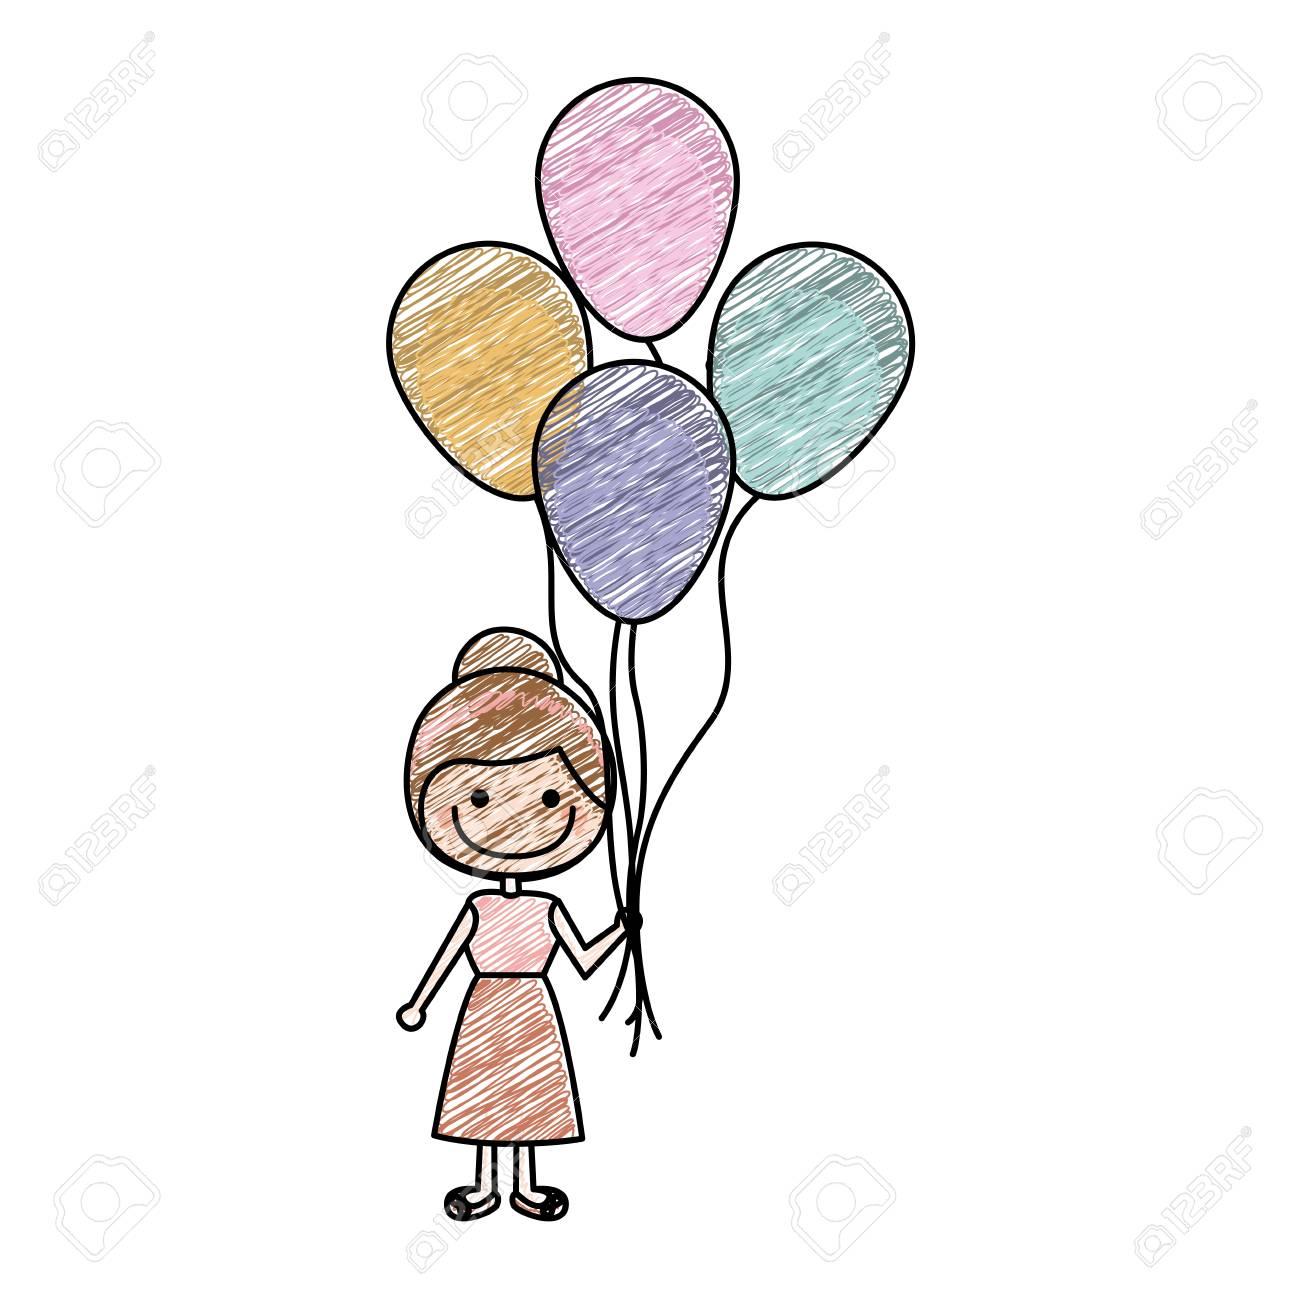 ワンピースの少女や多くの風船ベクトル イラストの笑顔の似顔絵の色鉛筆